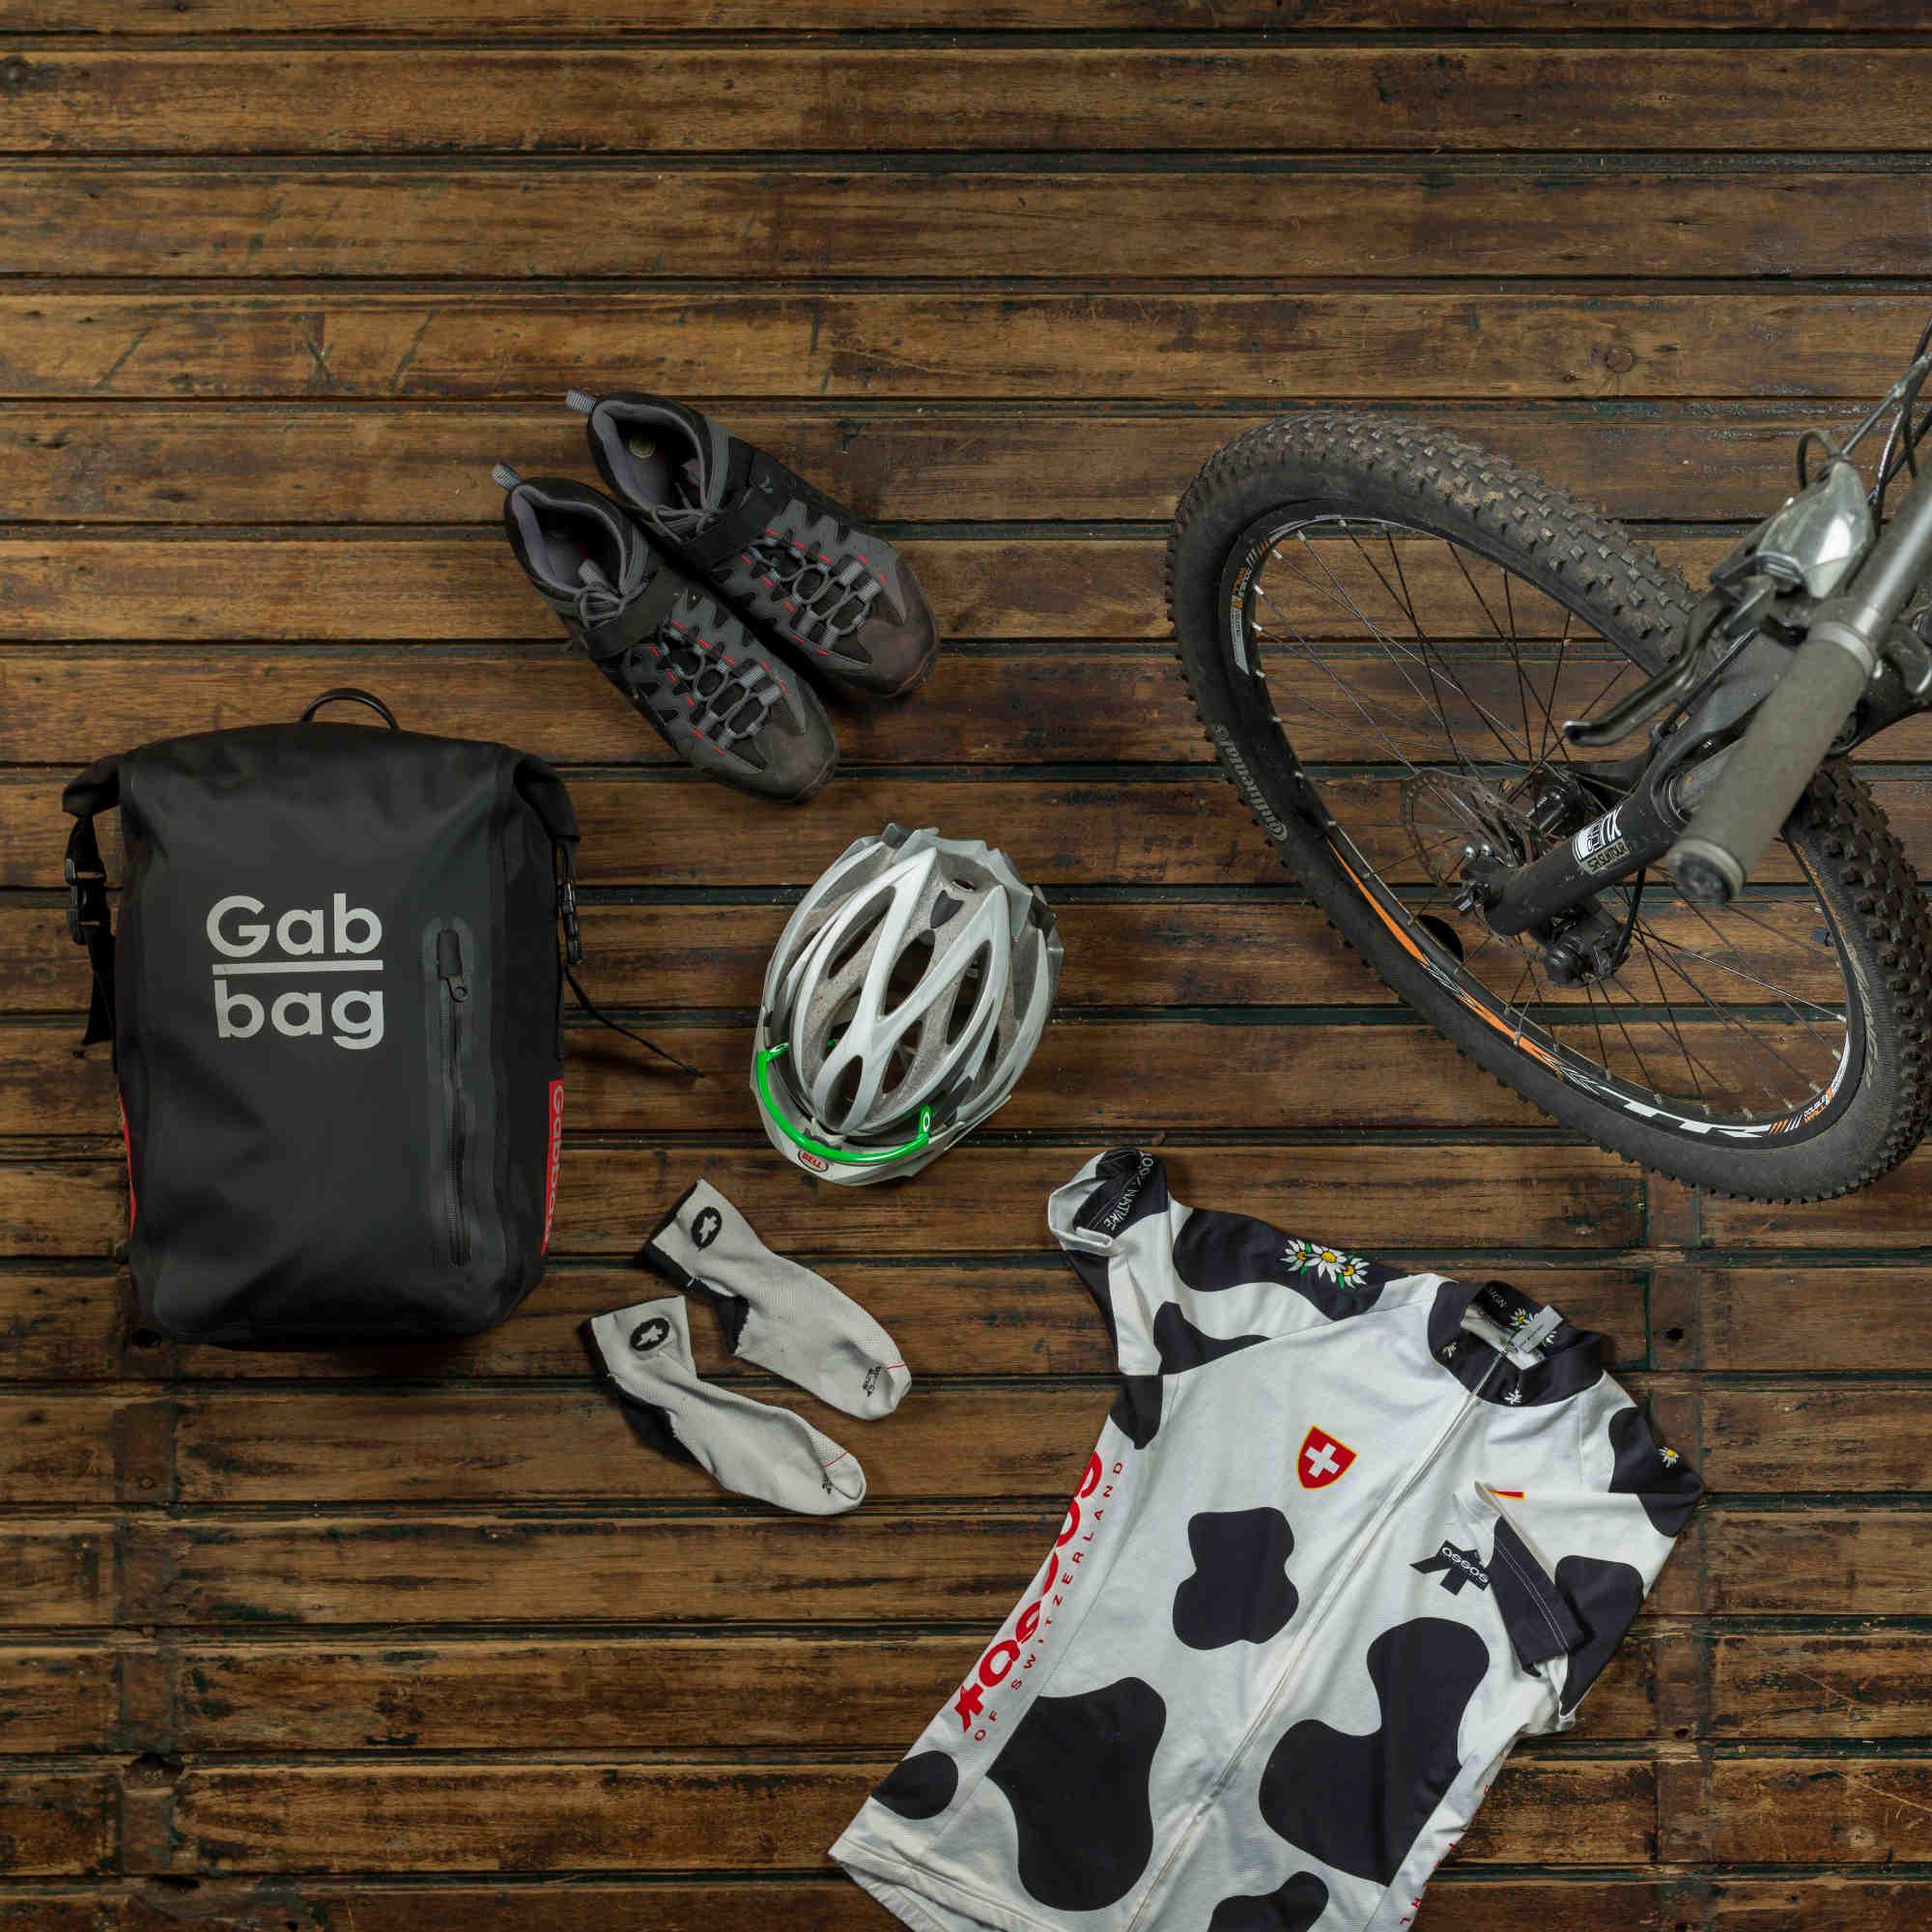 Bike Gabbag 2019-2020